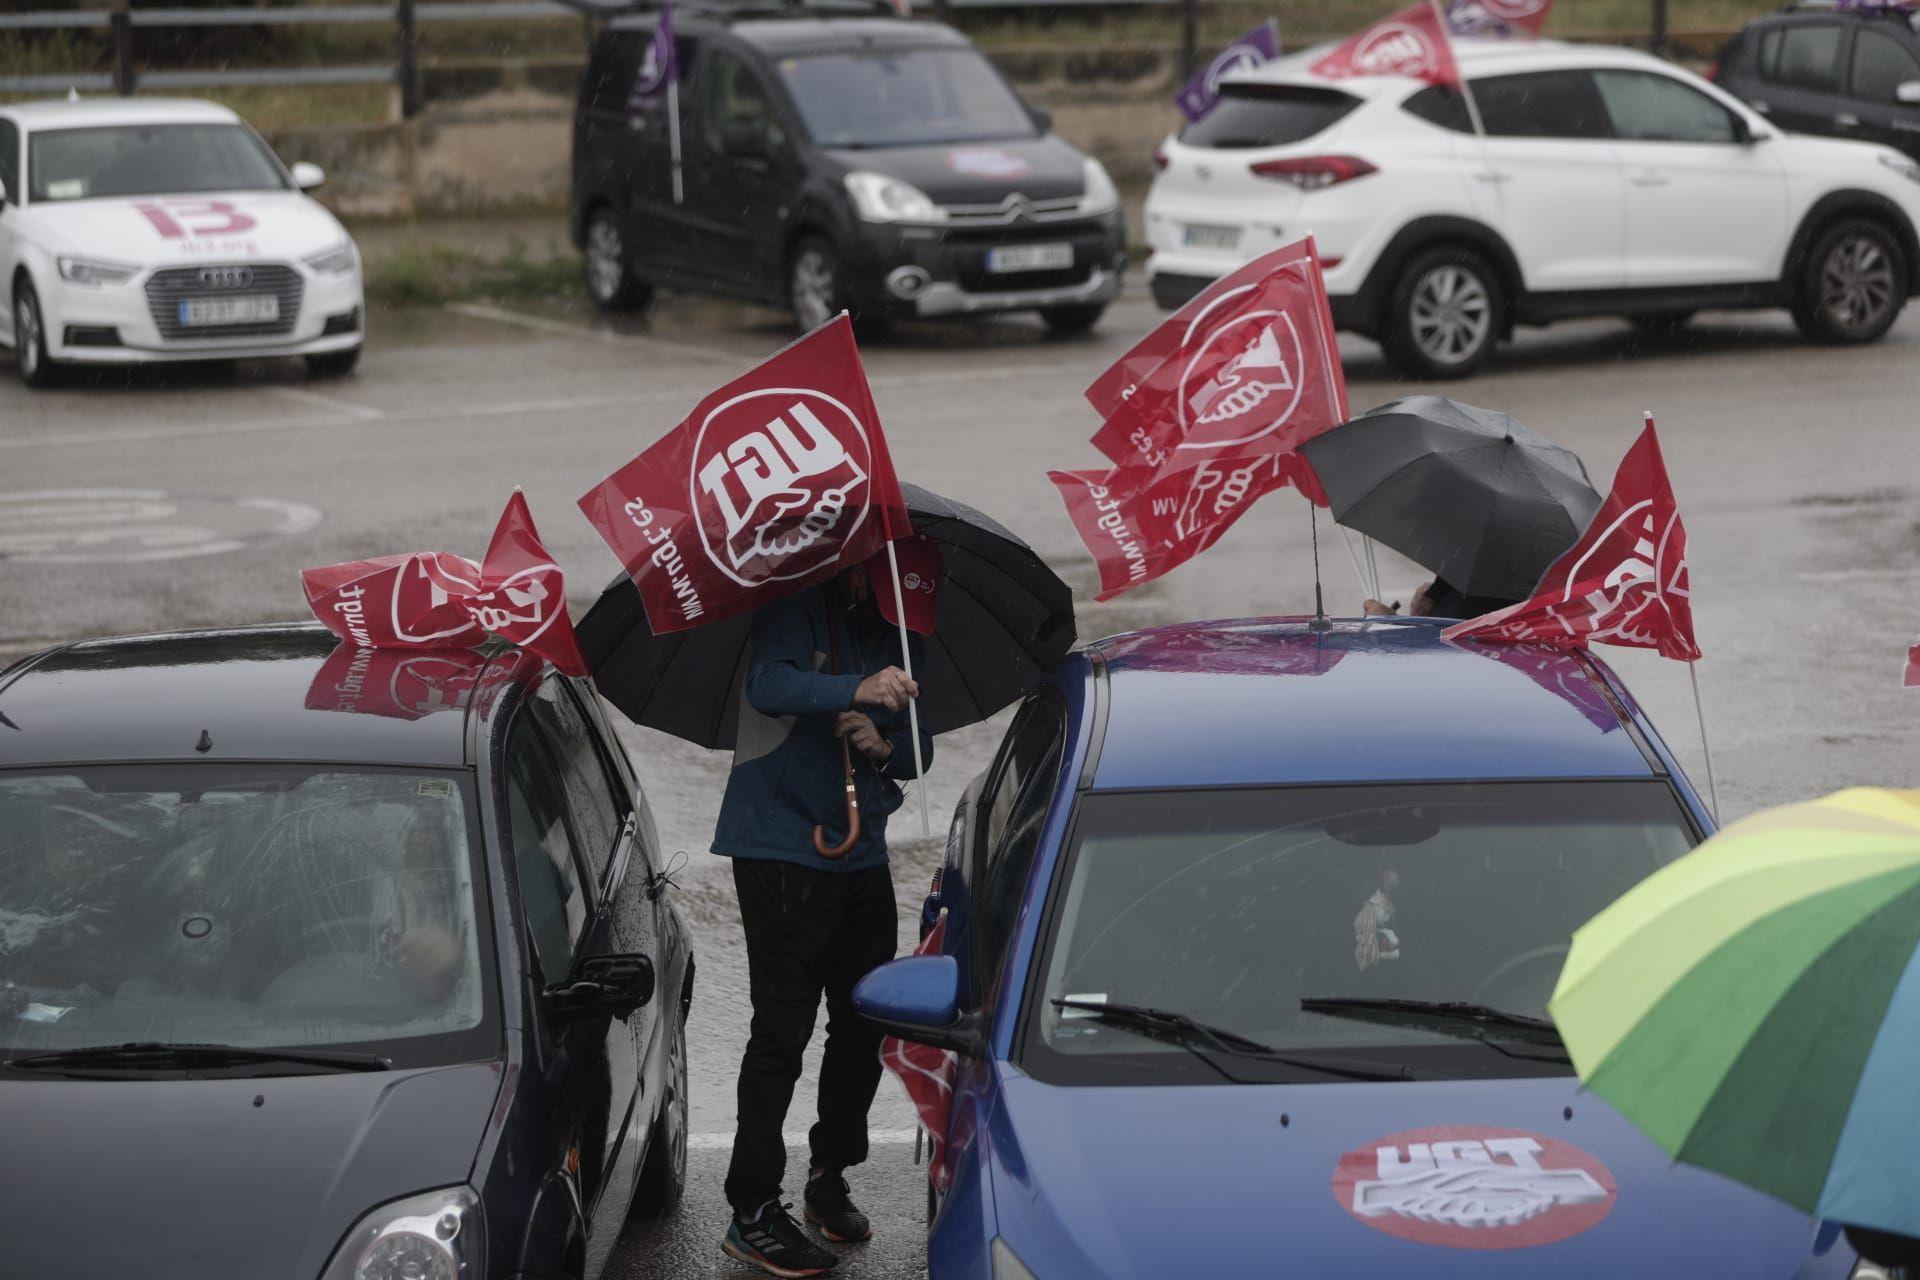 Los sindicatos reivindican los derechos de los trabajadores y exigen la derogación de la reforma laboral en el 1 de mayo